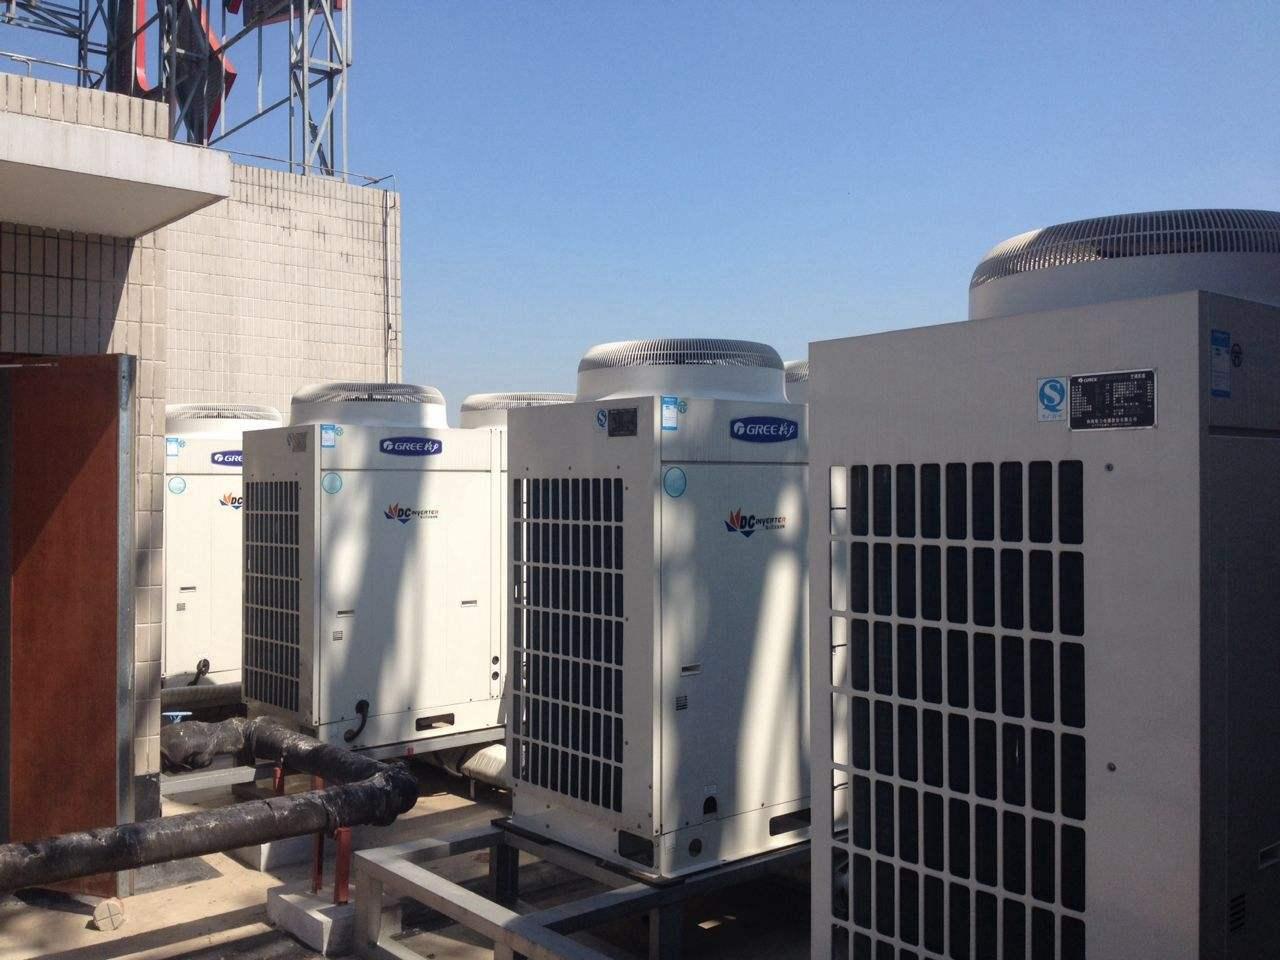 问,商用风冷模块机组是不是多个空调的组合,万一其中一台坏了是不是整个系统